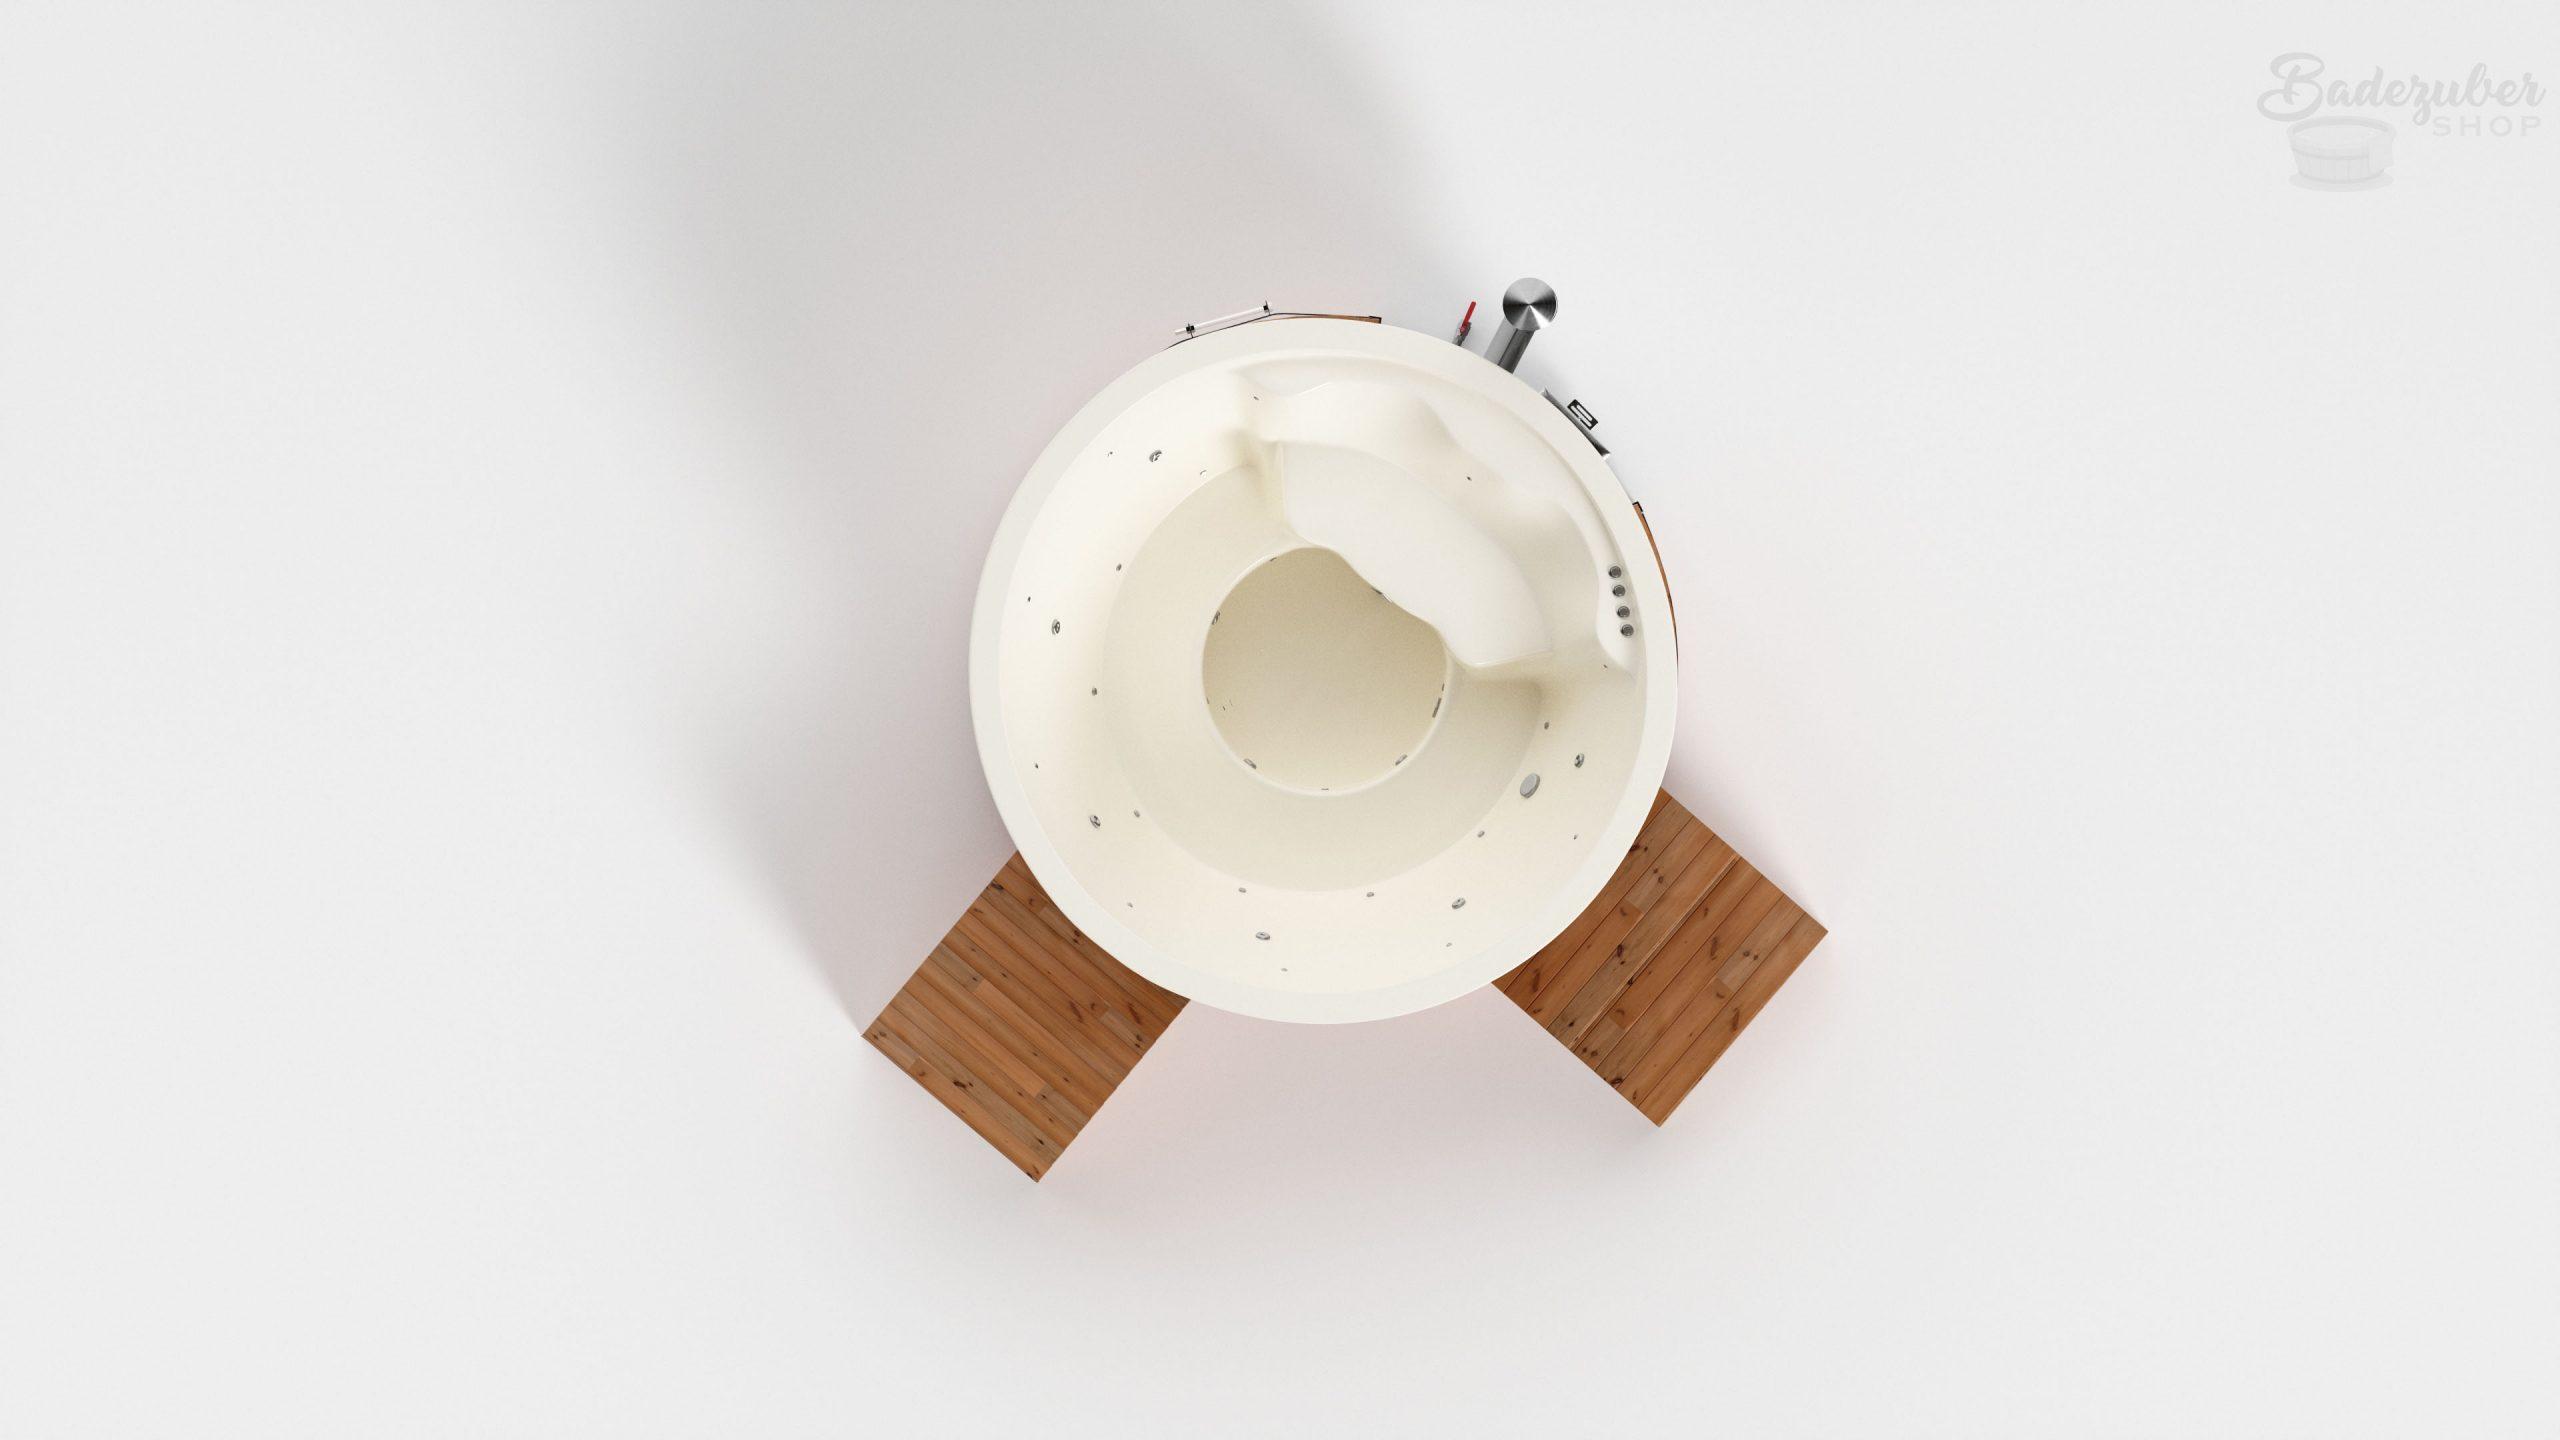 Runder Badezuber aus Acryl für bis zu 8 Personen in Weiß, Verkleidung mit Lärchenholz und Lärchenlasur